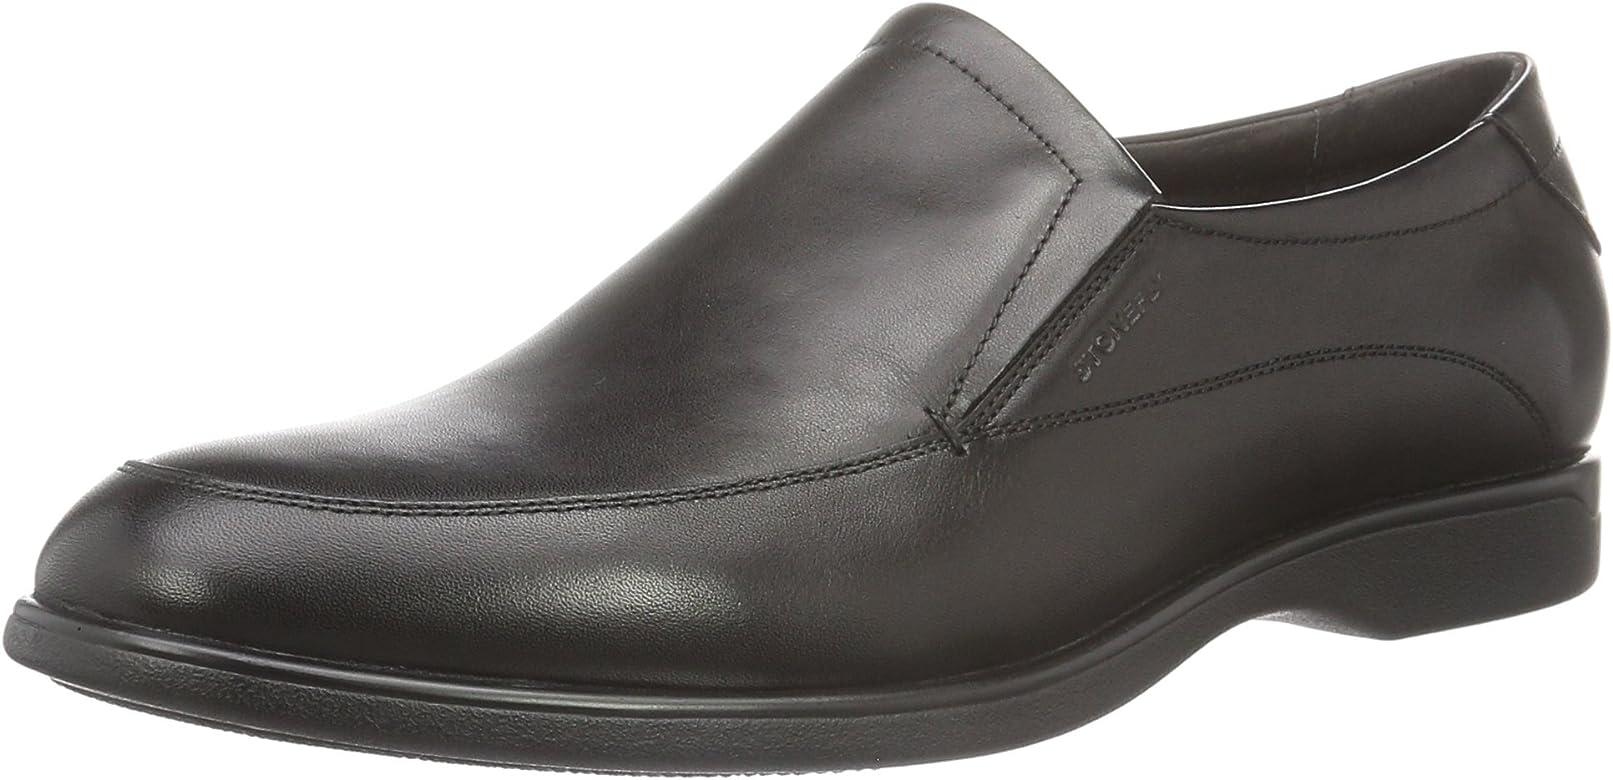 Stonefly Smart 5 Calf, Mocasines para Hombre, Negro (Nero/Black), 40 EU: Amazon.es: Zapatos y complementos